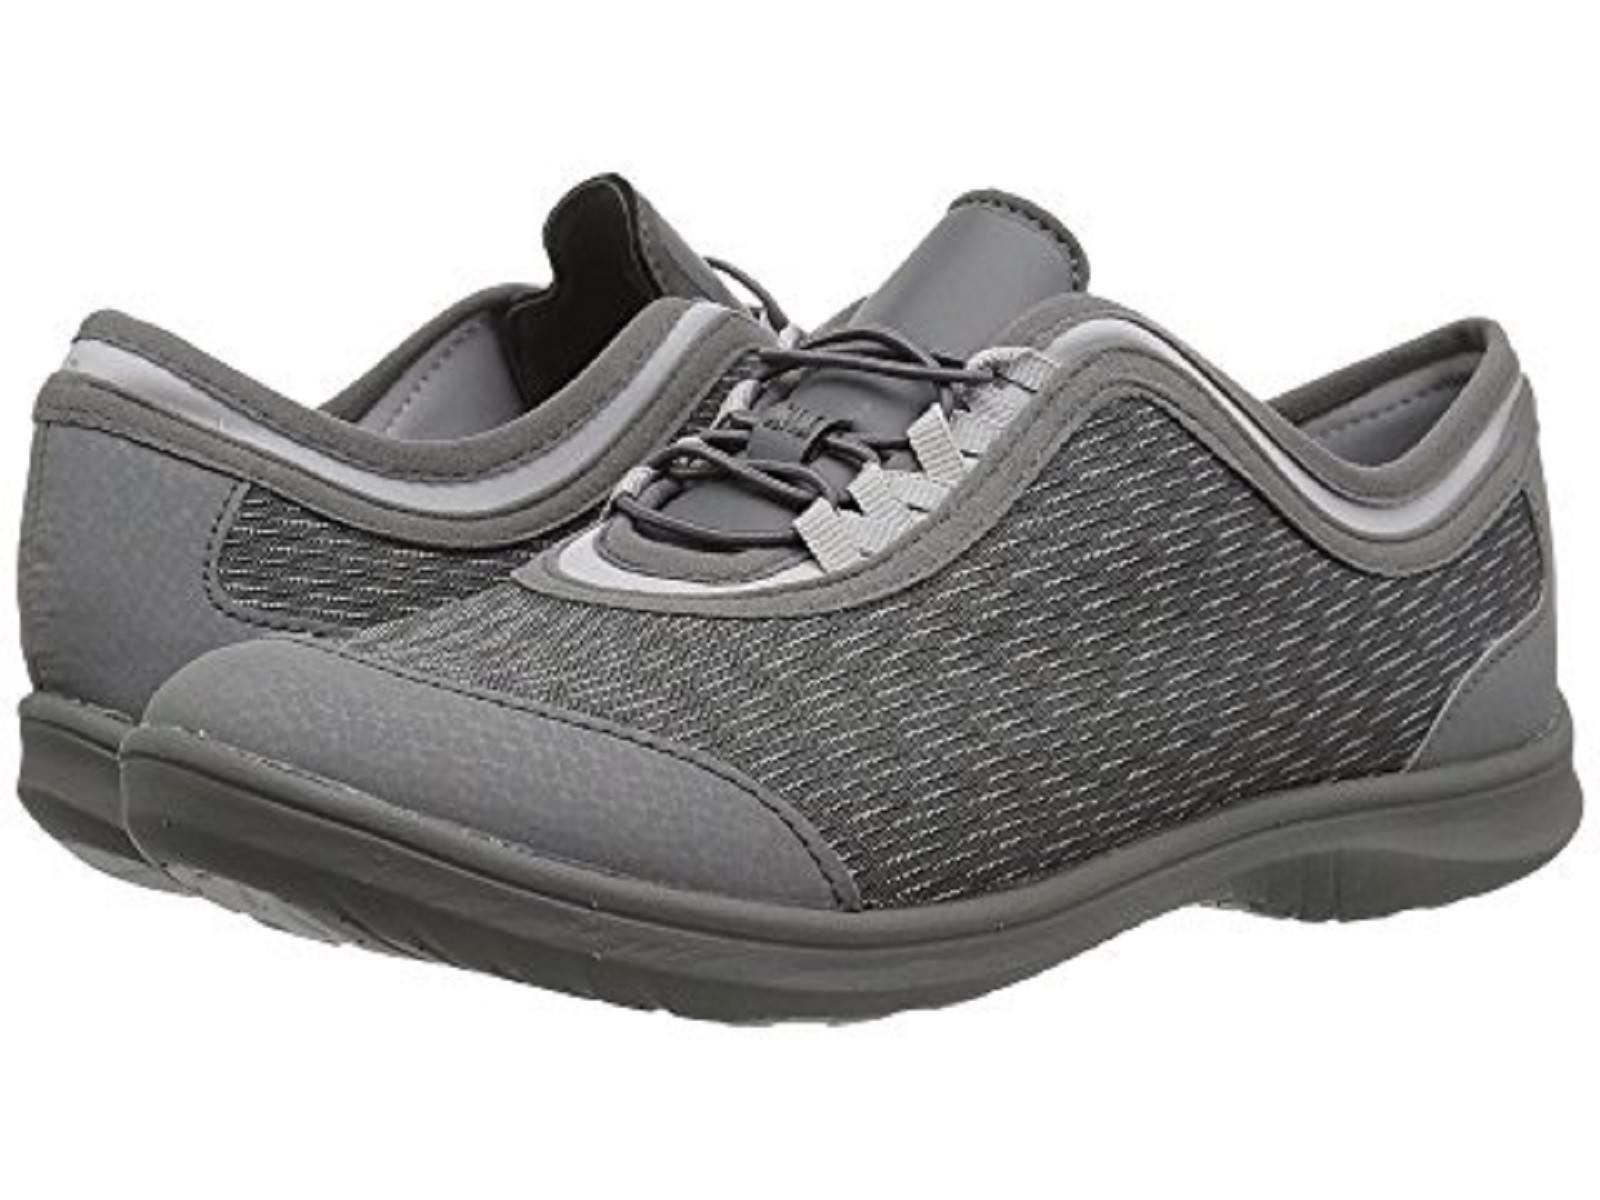 CLARKS CLOUDSTEPPERS Ladies 'DOWLING PEARL' Sneakers-DARK GREY  Sz. 9.5 M NIB